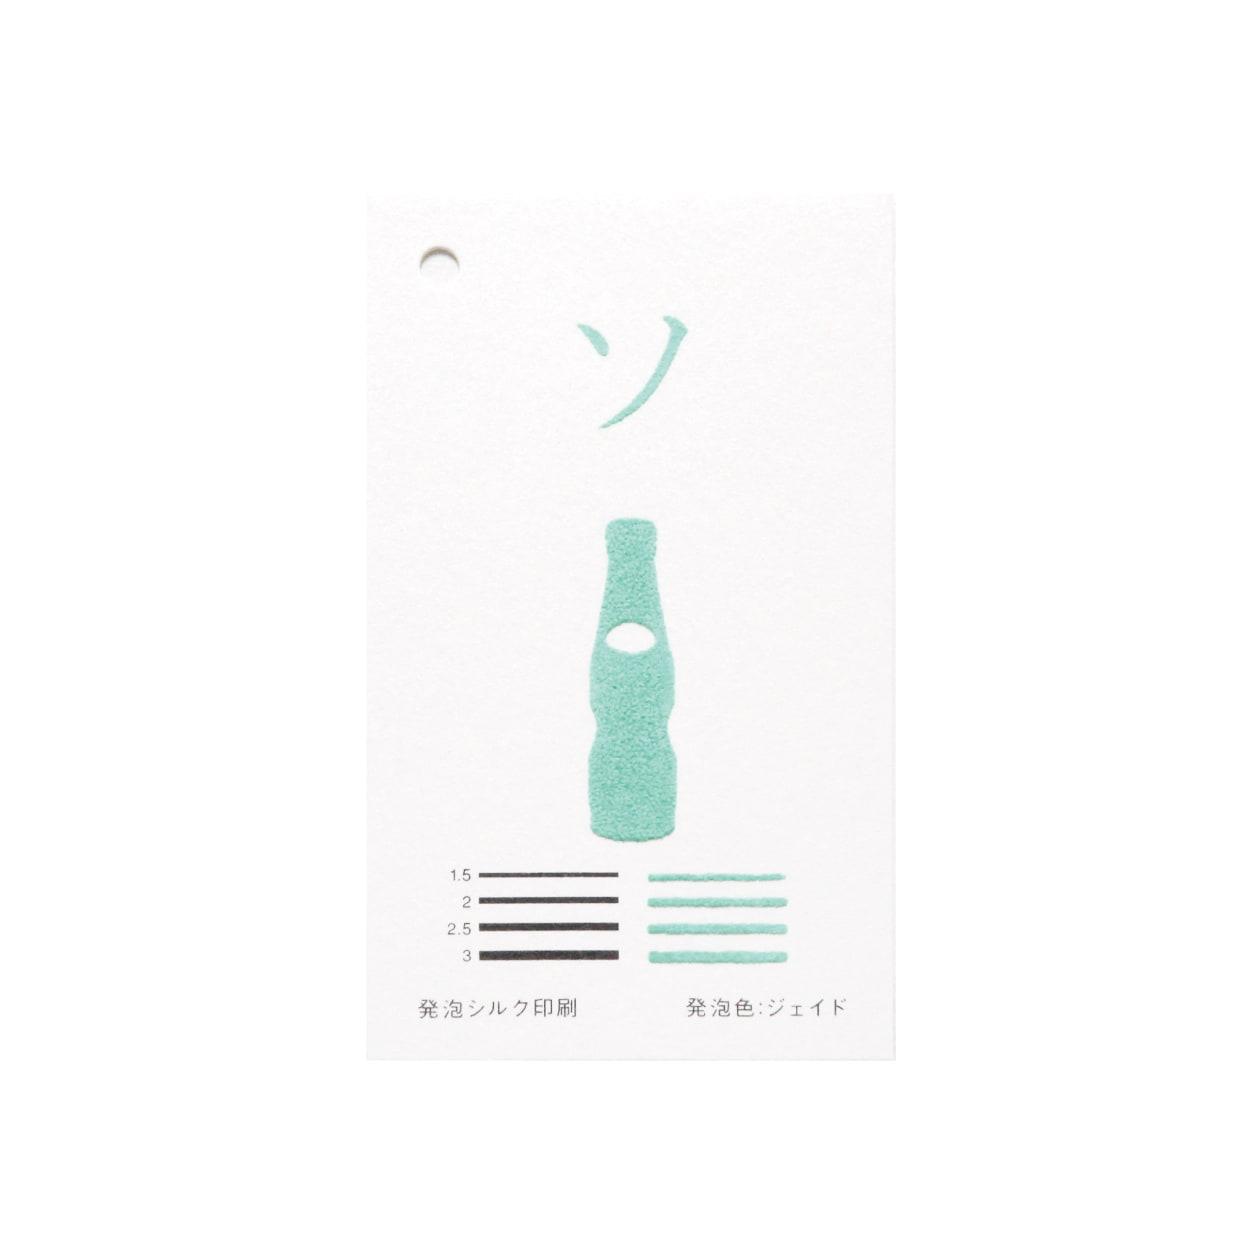 加工色見本 00141 発泡シルク ジェイド コットンスノーホワイト 232.8g